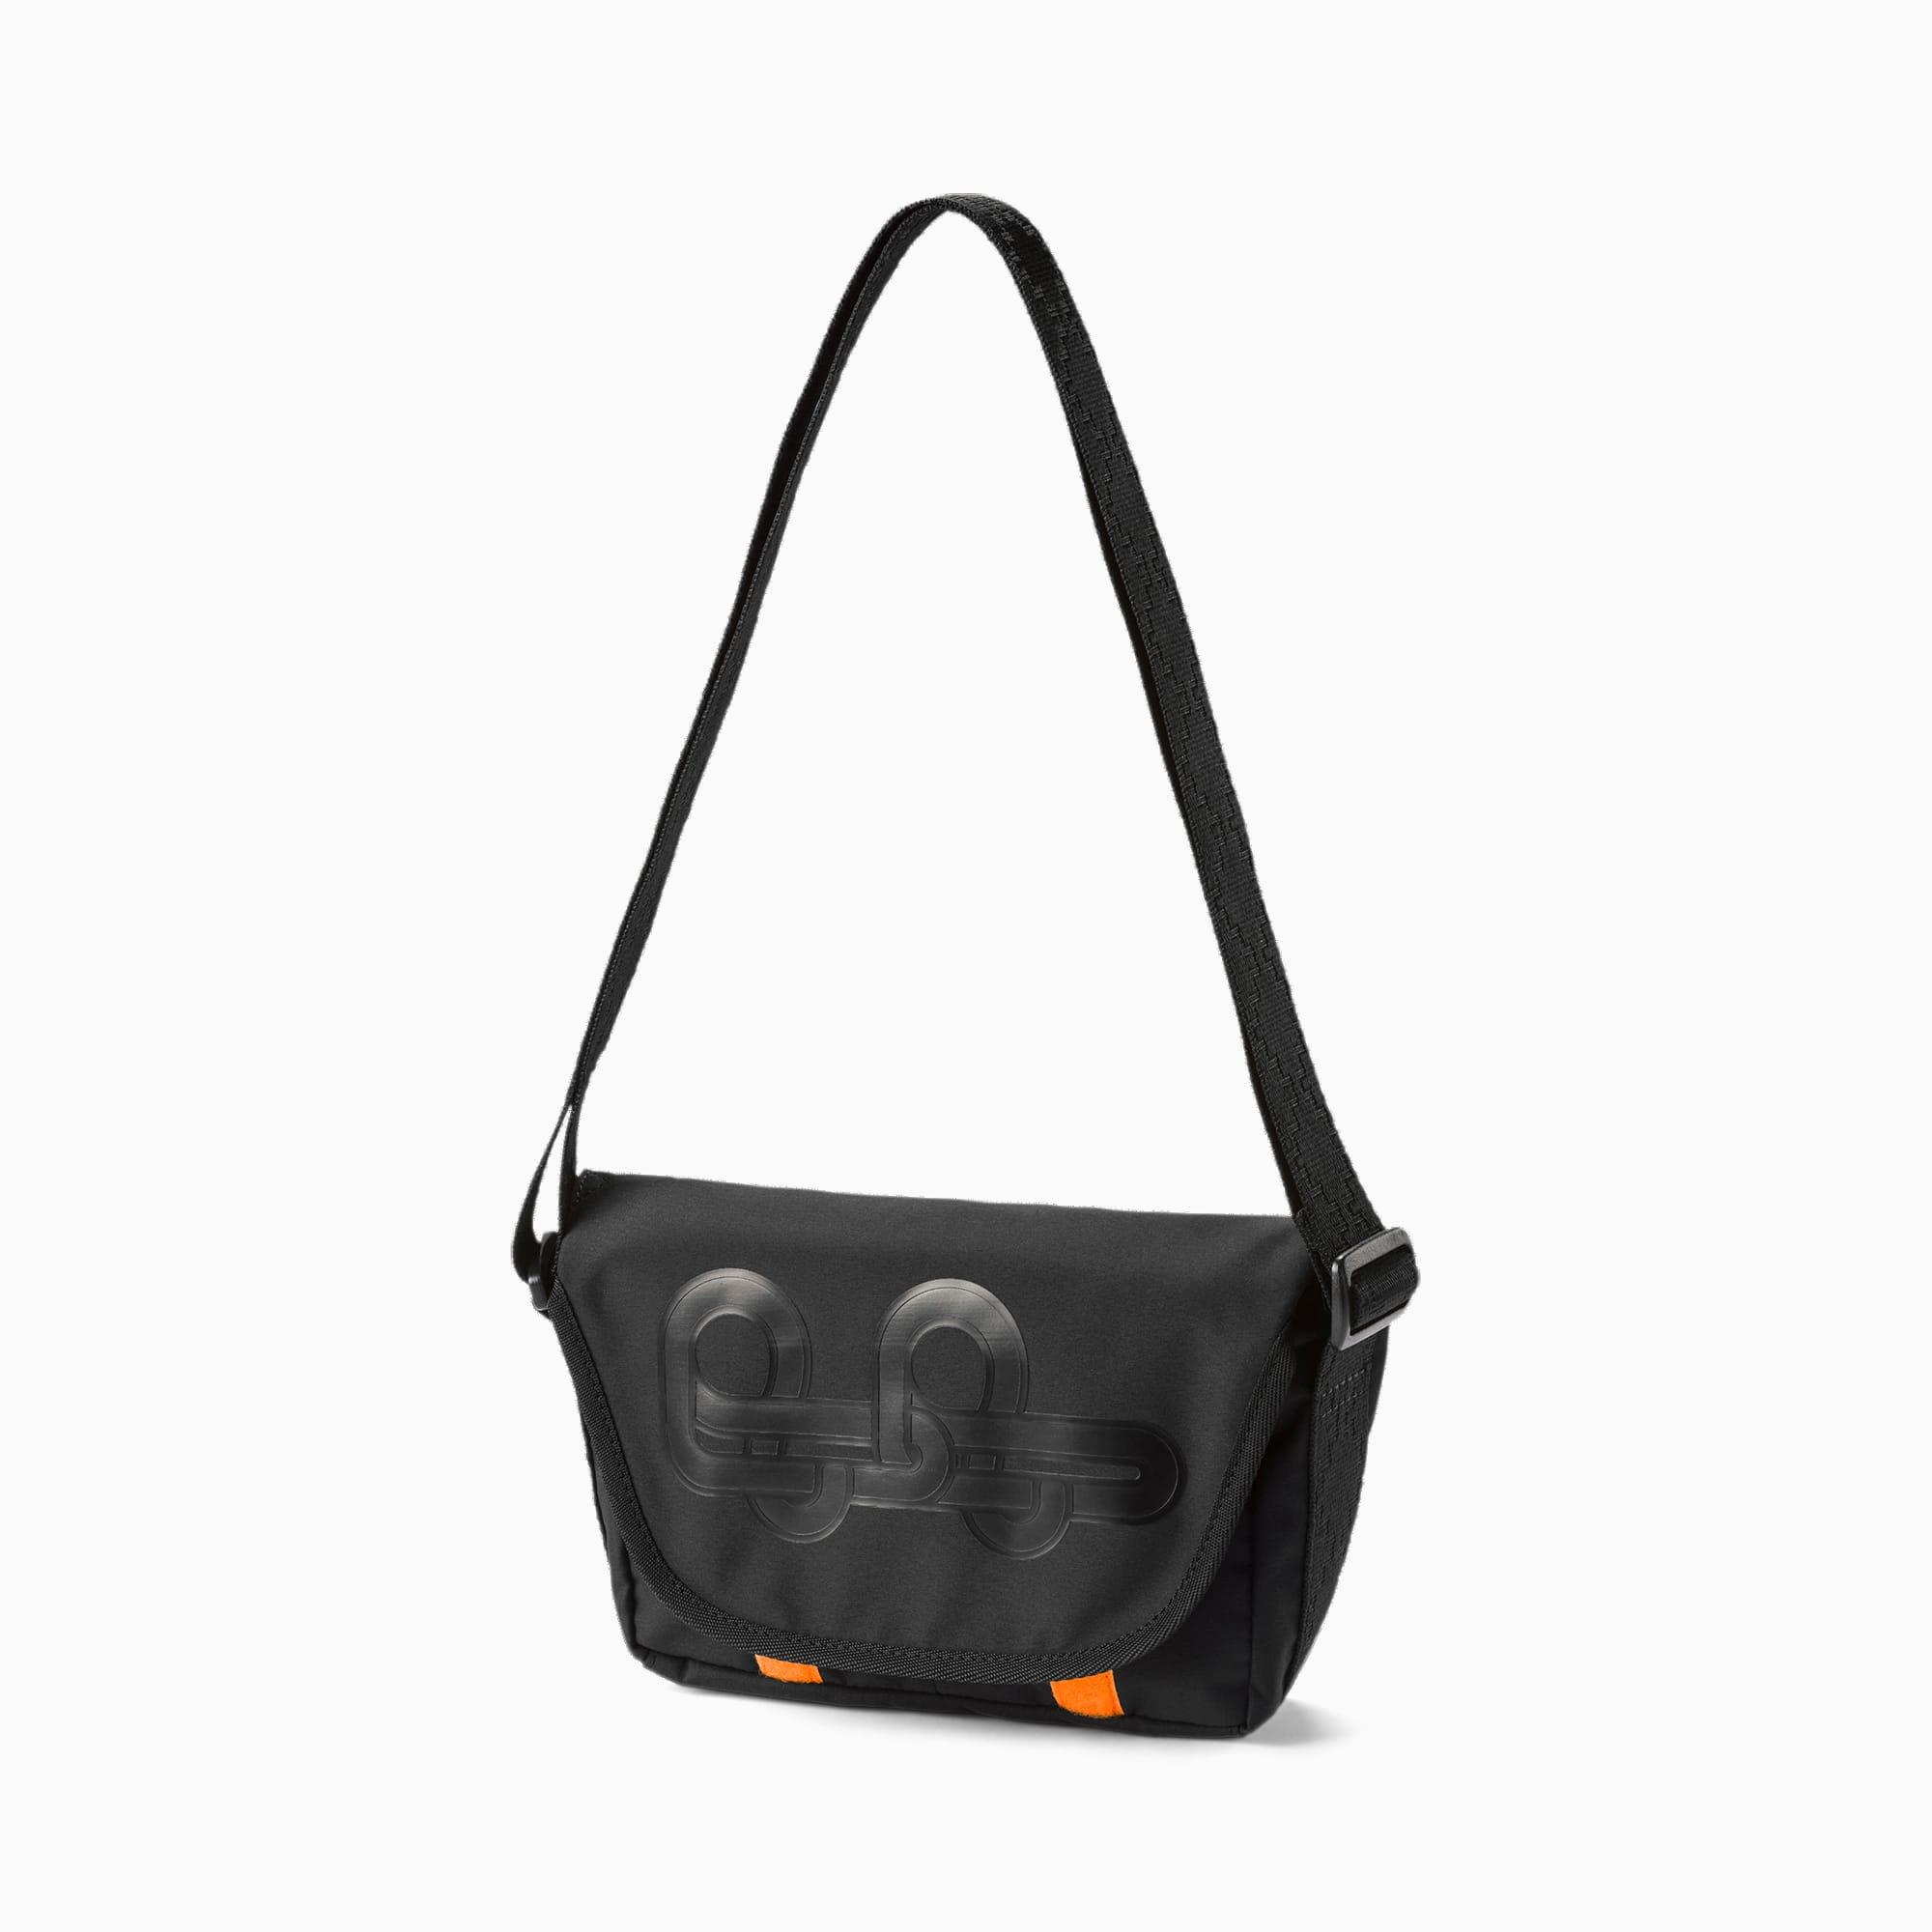 PUMA x PRONOUNCE Messenger Bag